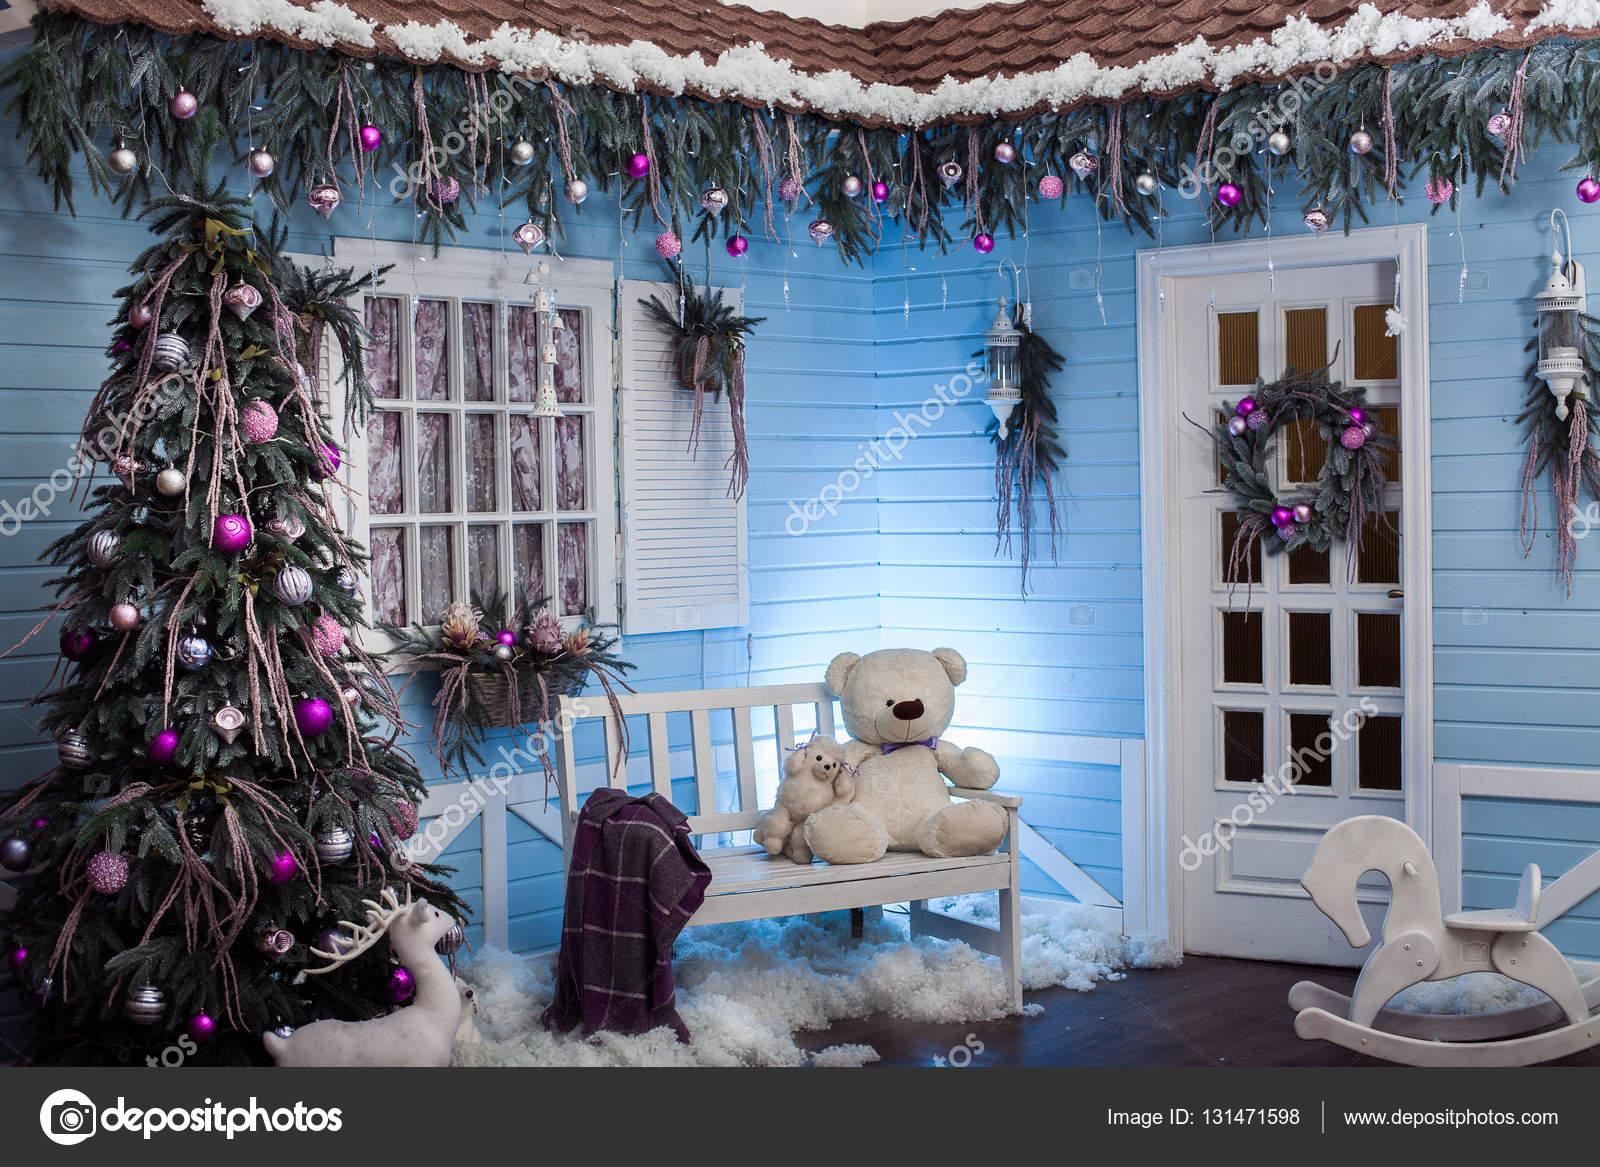 Decorazioni Natalizie Esterno Casa.Esterno Di Inverno Di Una Casa Di Paese Con Decorazioni Di Natale In